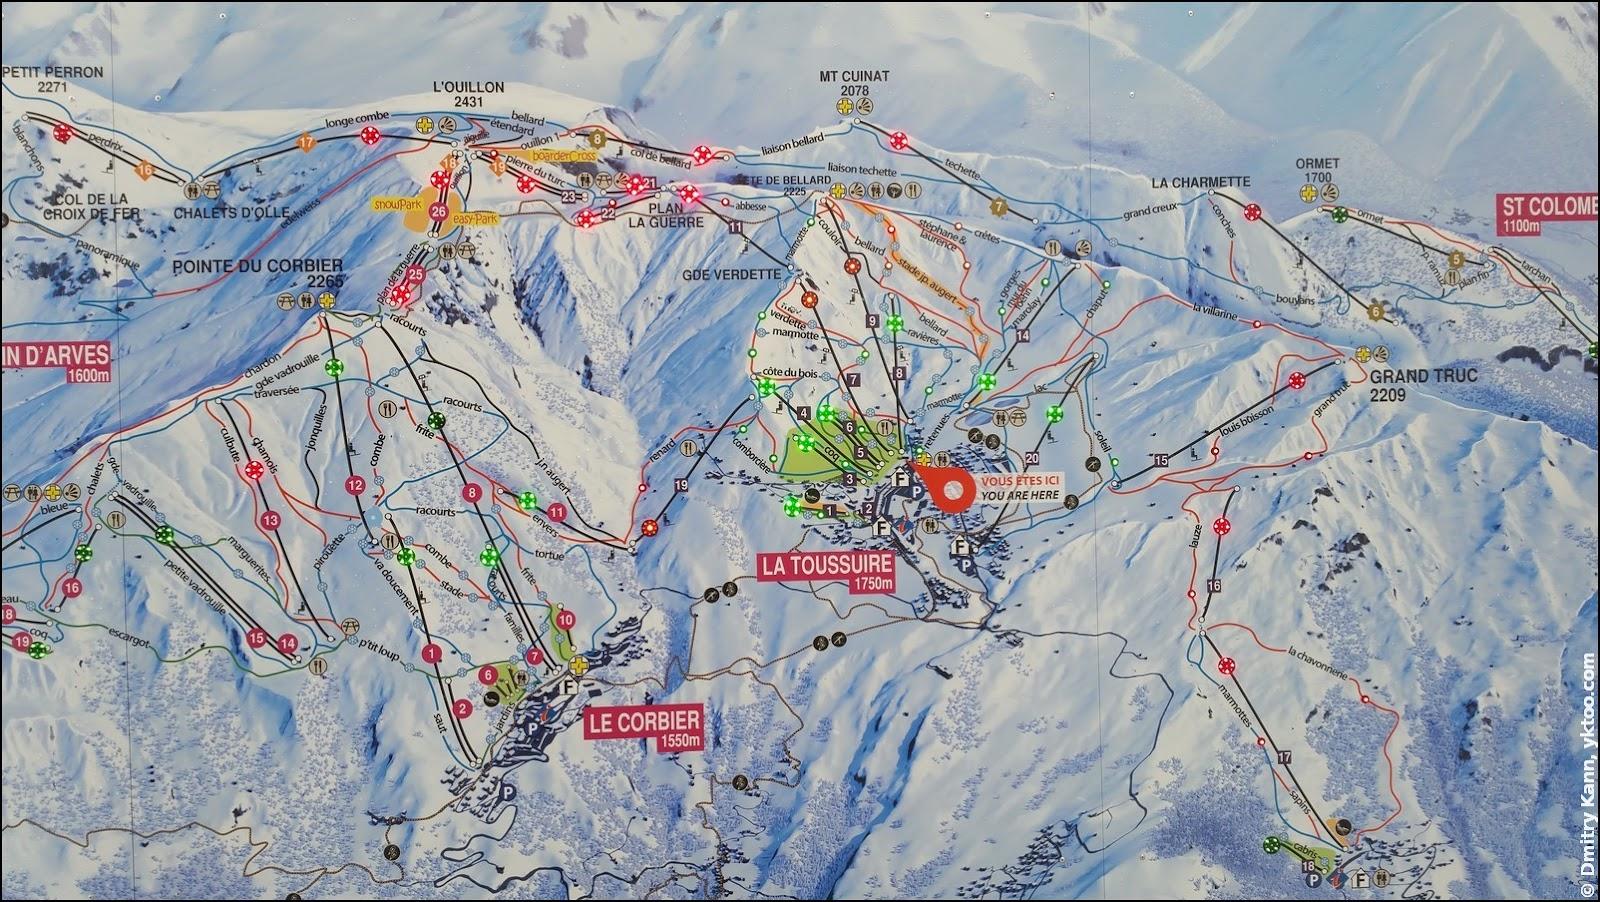 Интерактивная карта курорта.